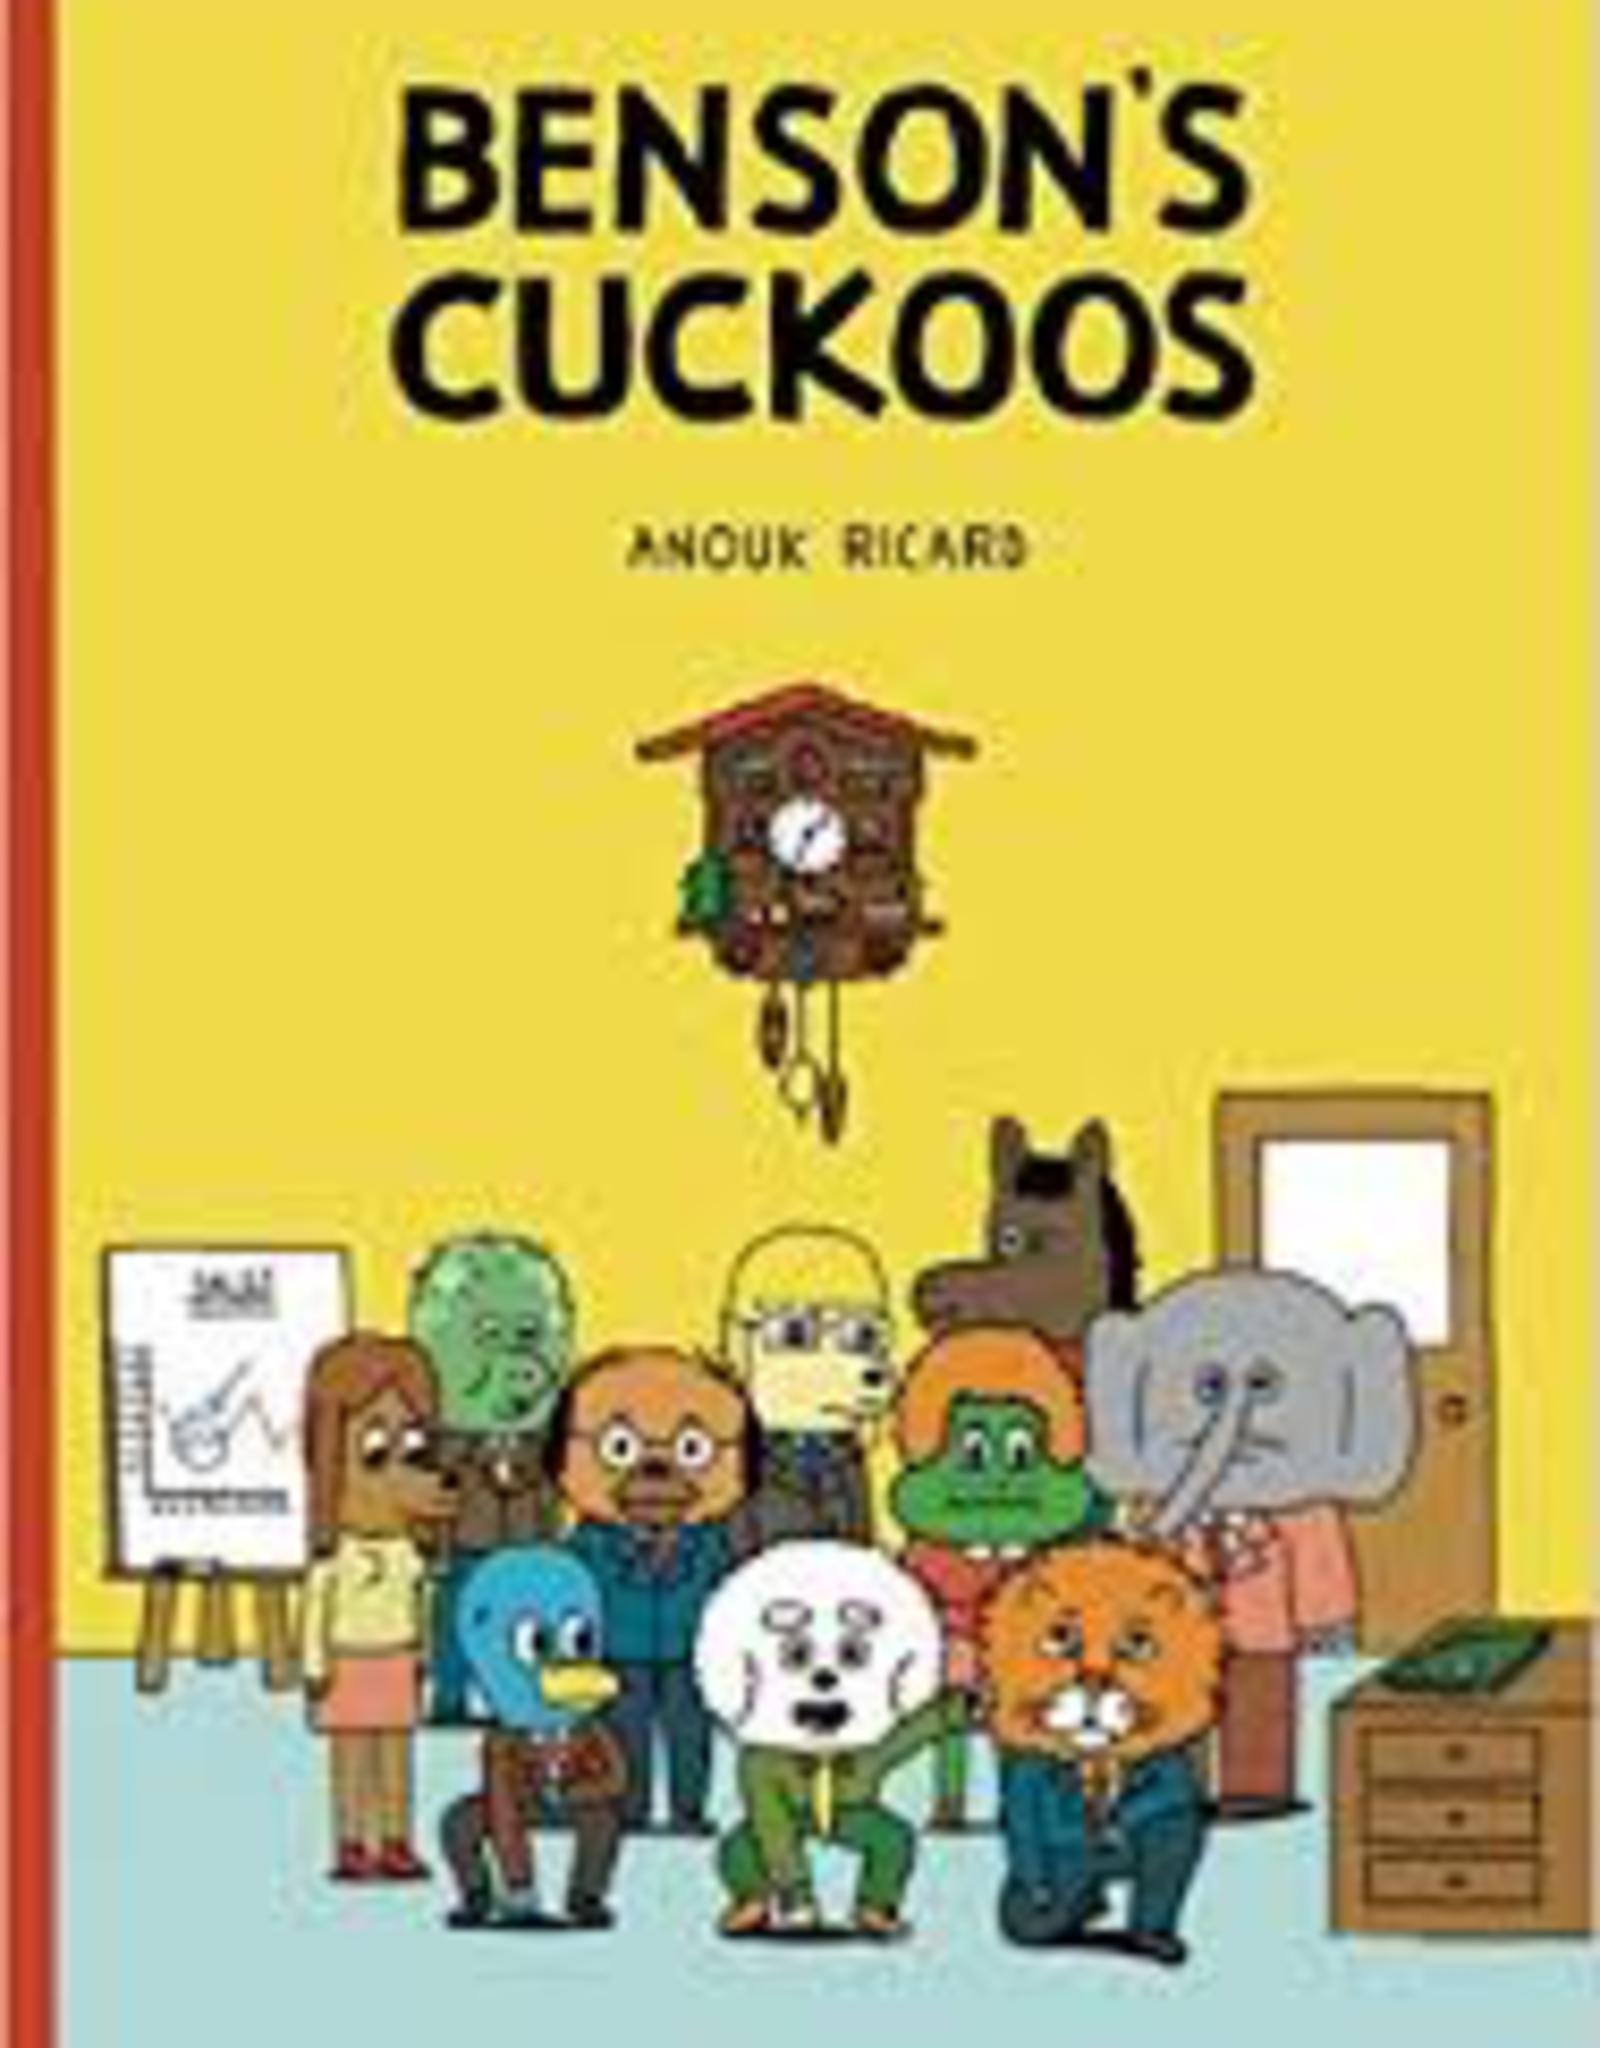 Benson's Cuckoos